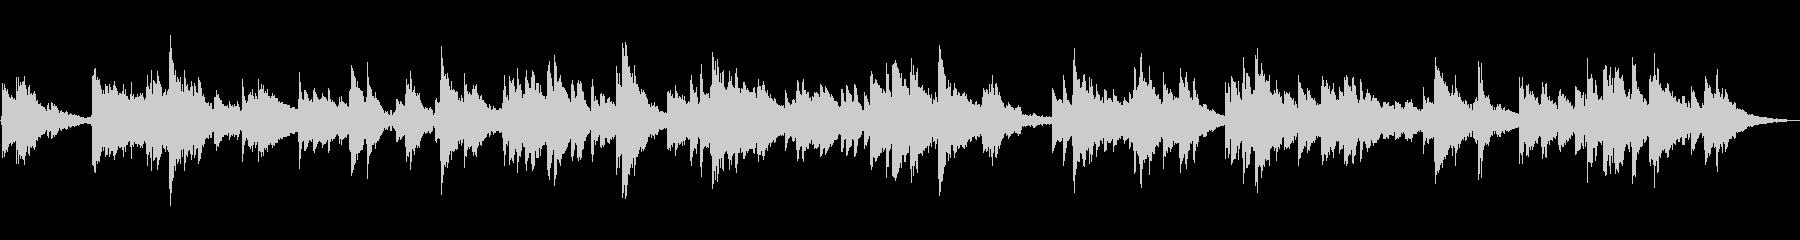 静かな池のエレクトリックピアノの未再生の波形